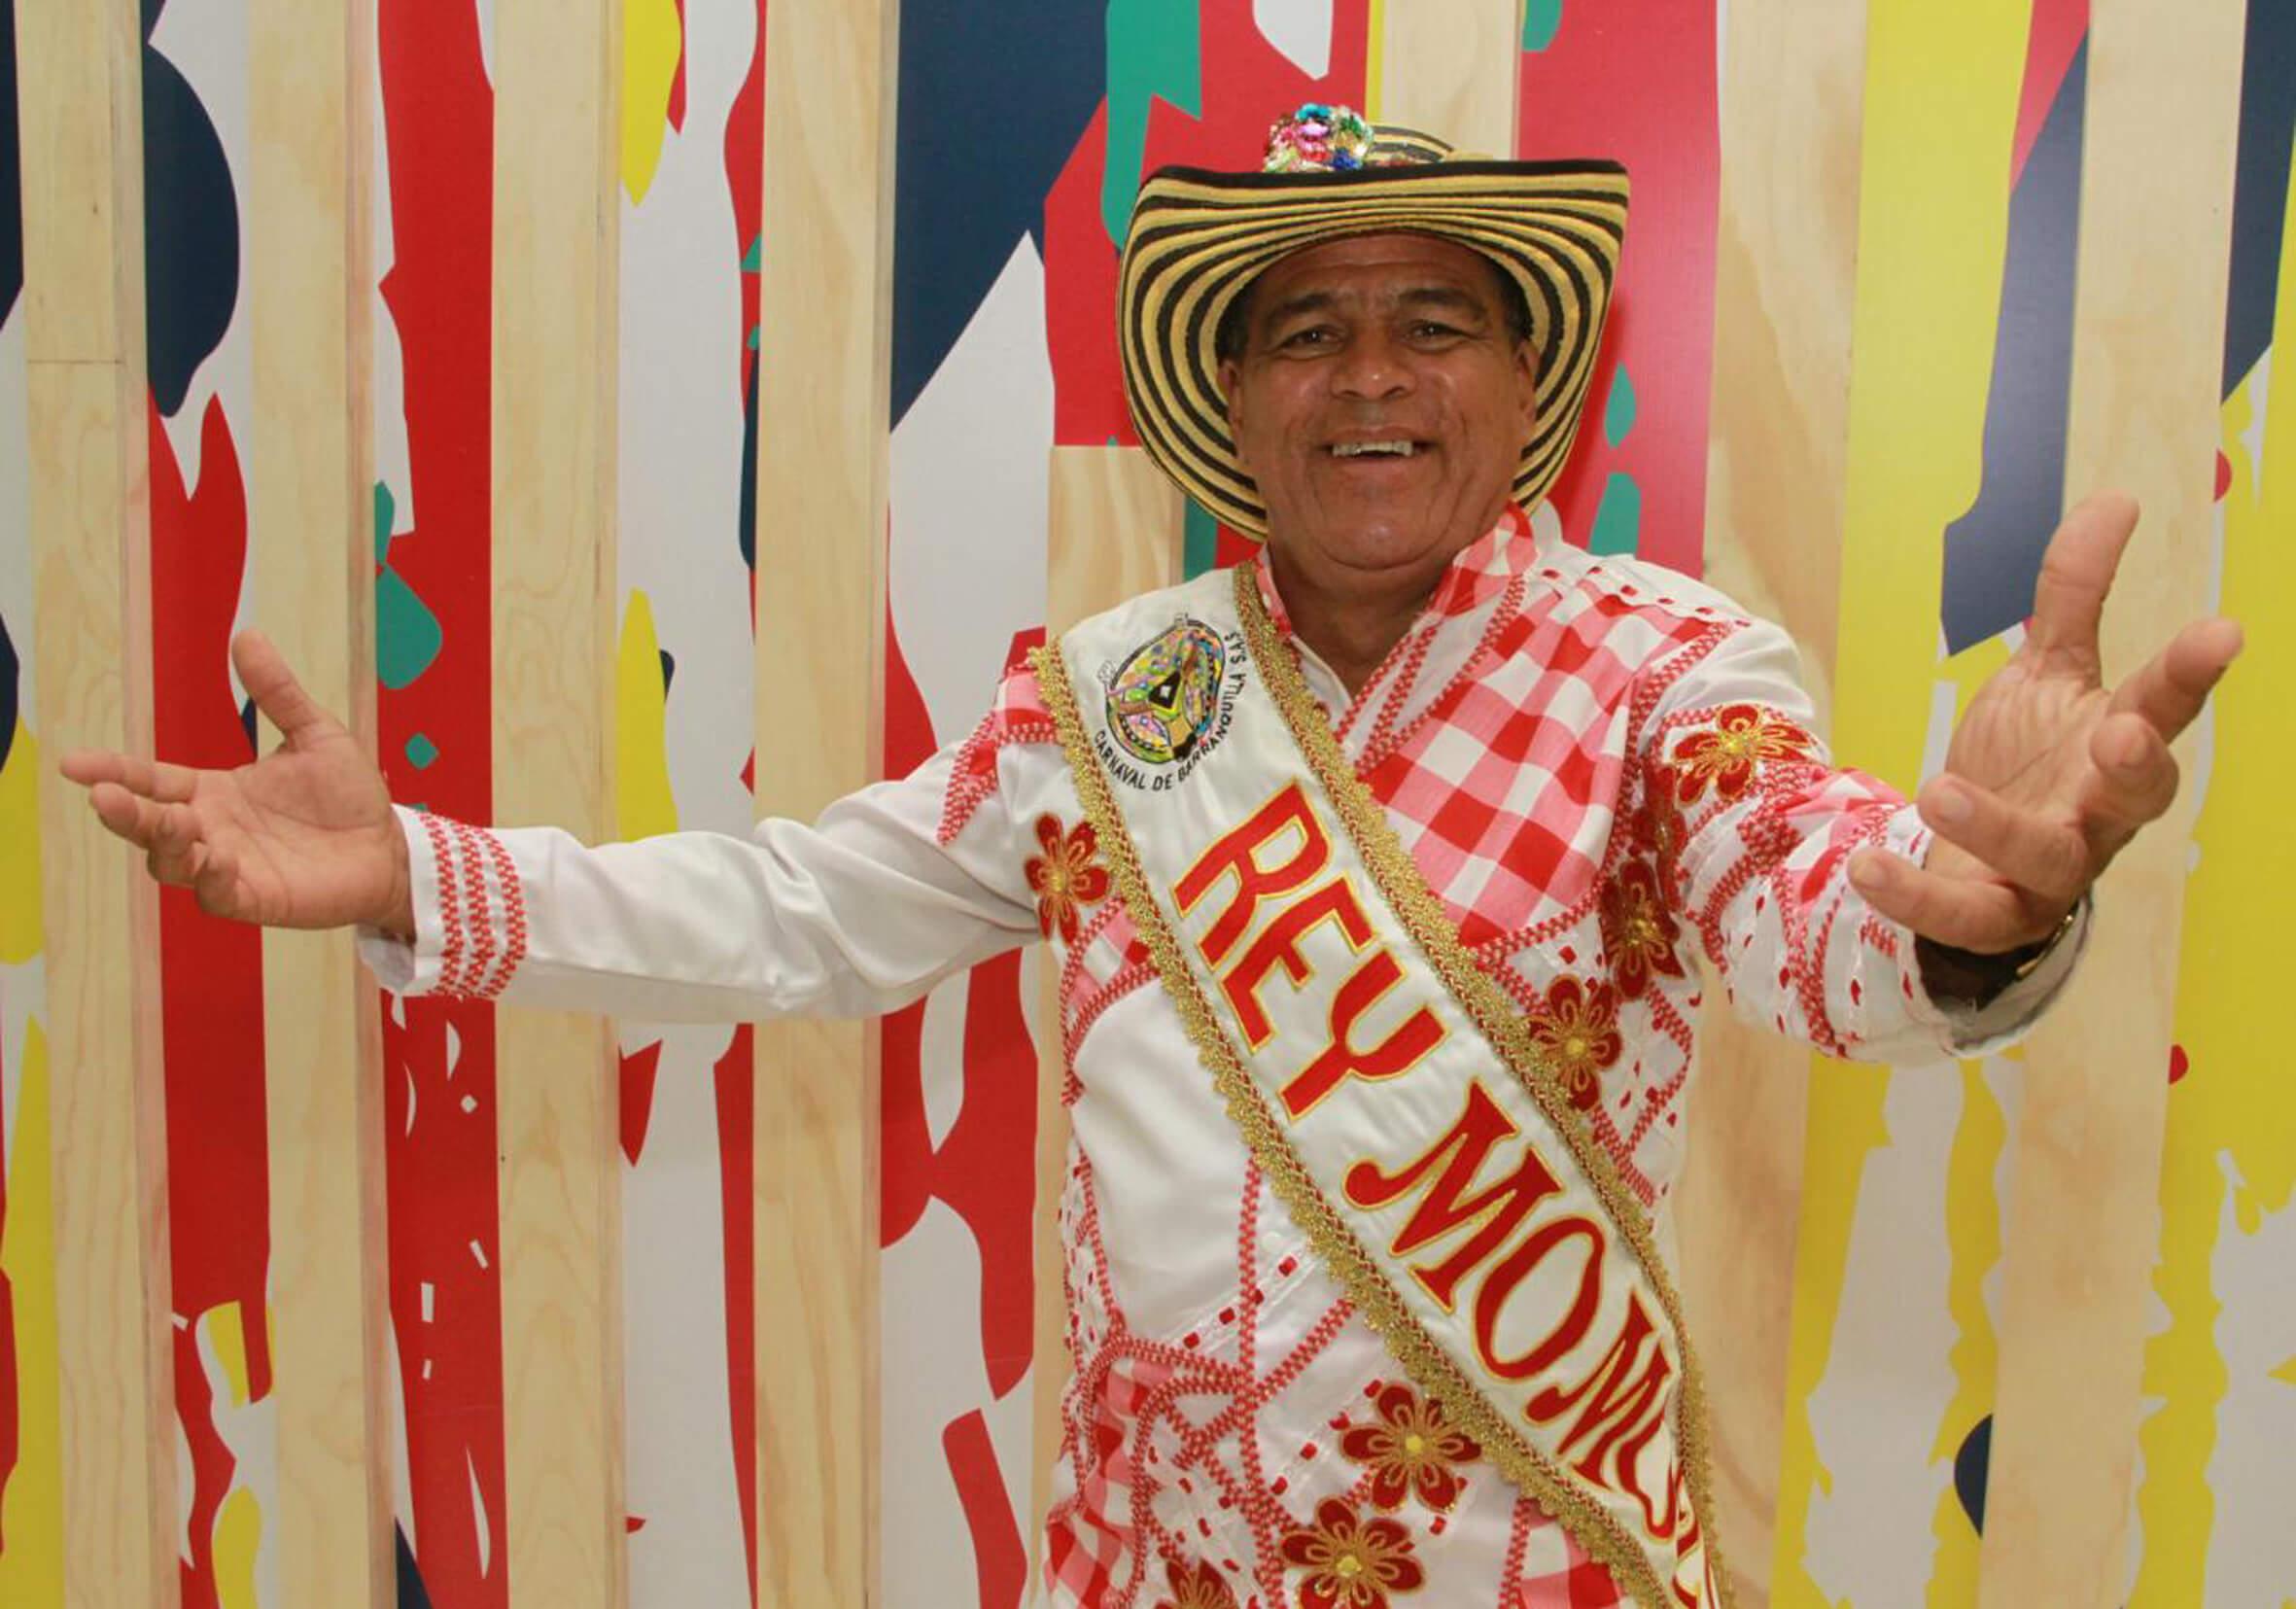 Este sábado Freddy Cervantes celebra 'La Gran Noche del Rey Momo'